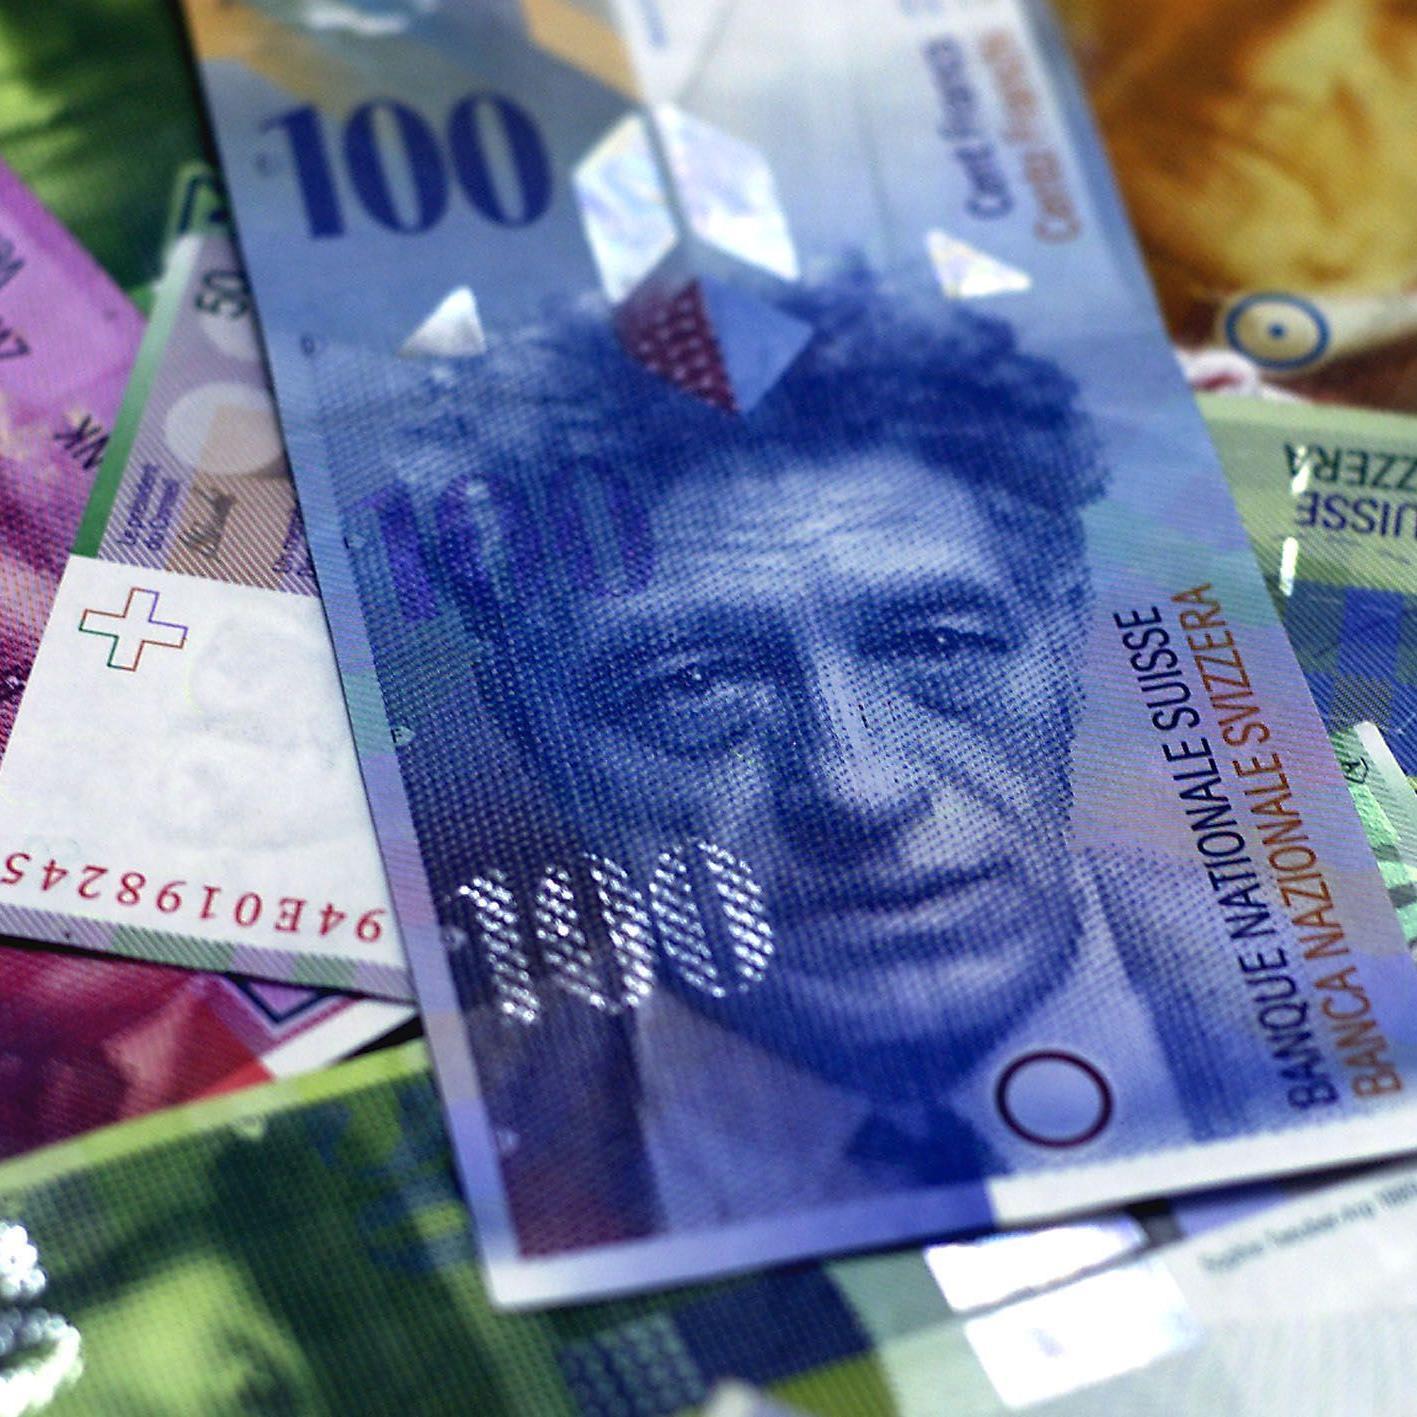 Untersuchungen bei 20 Schweizer Banken brachten gewichtige Verfehlungen bei vier Banken